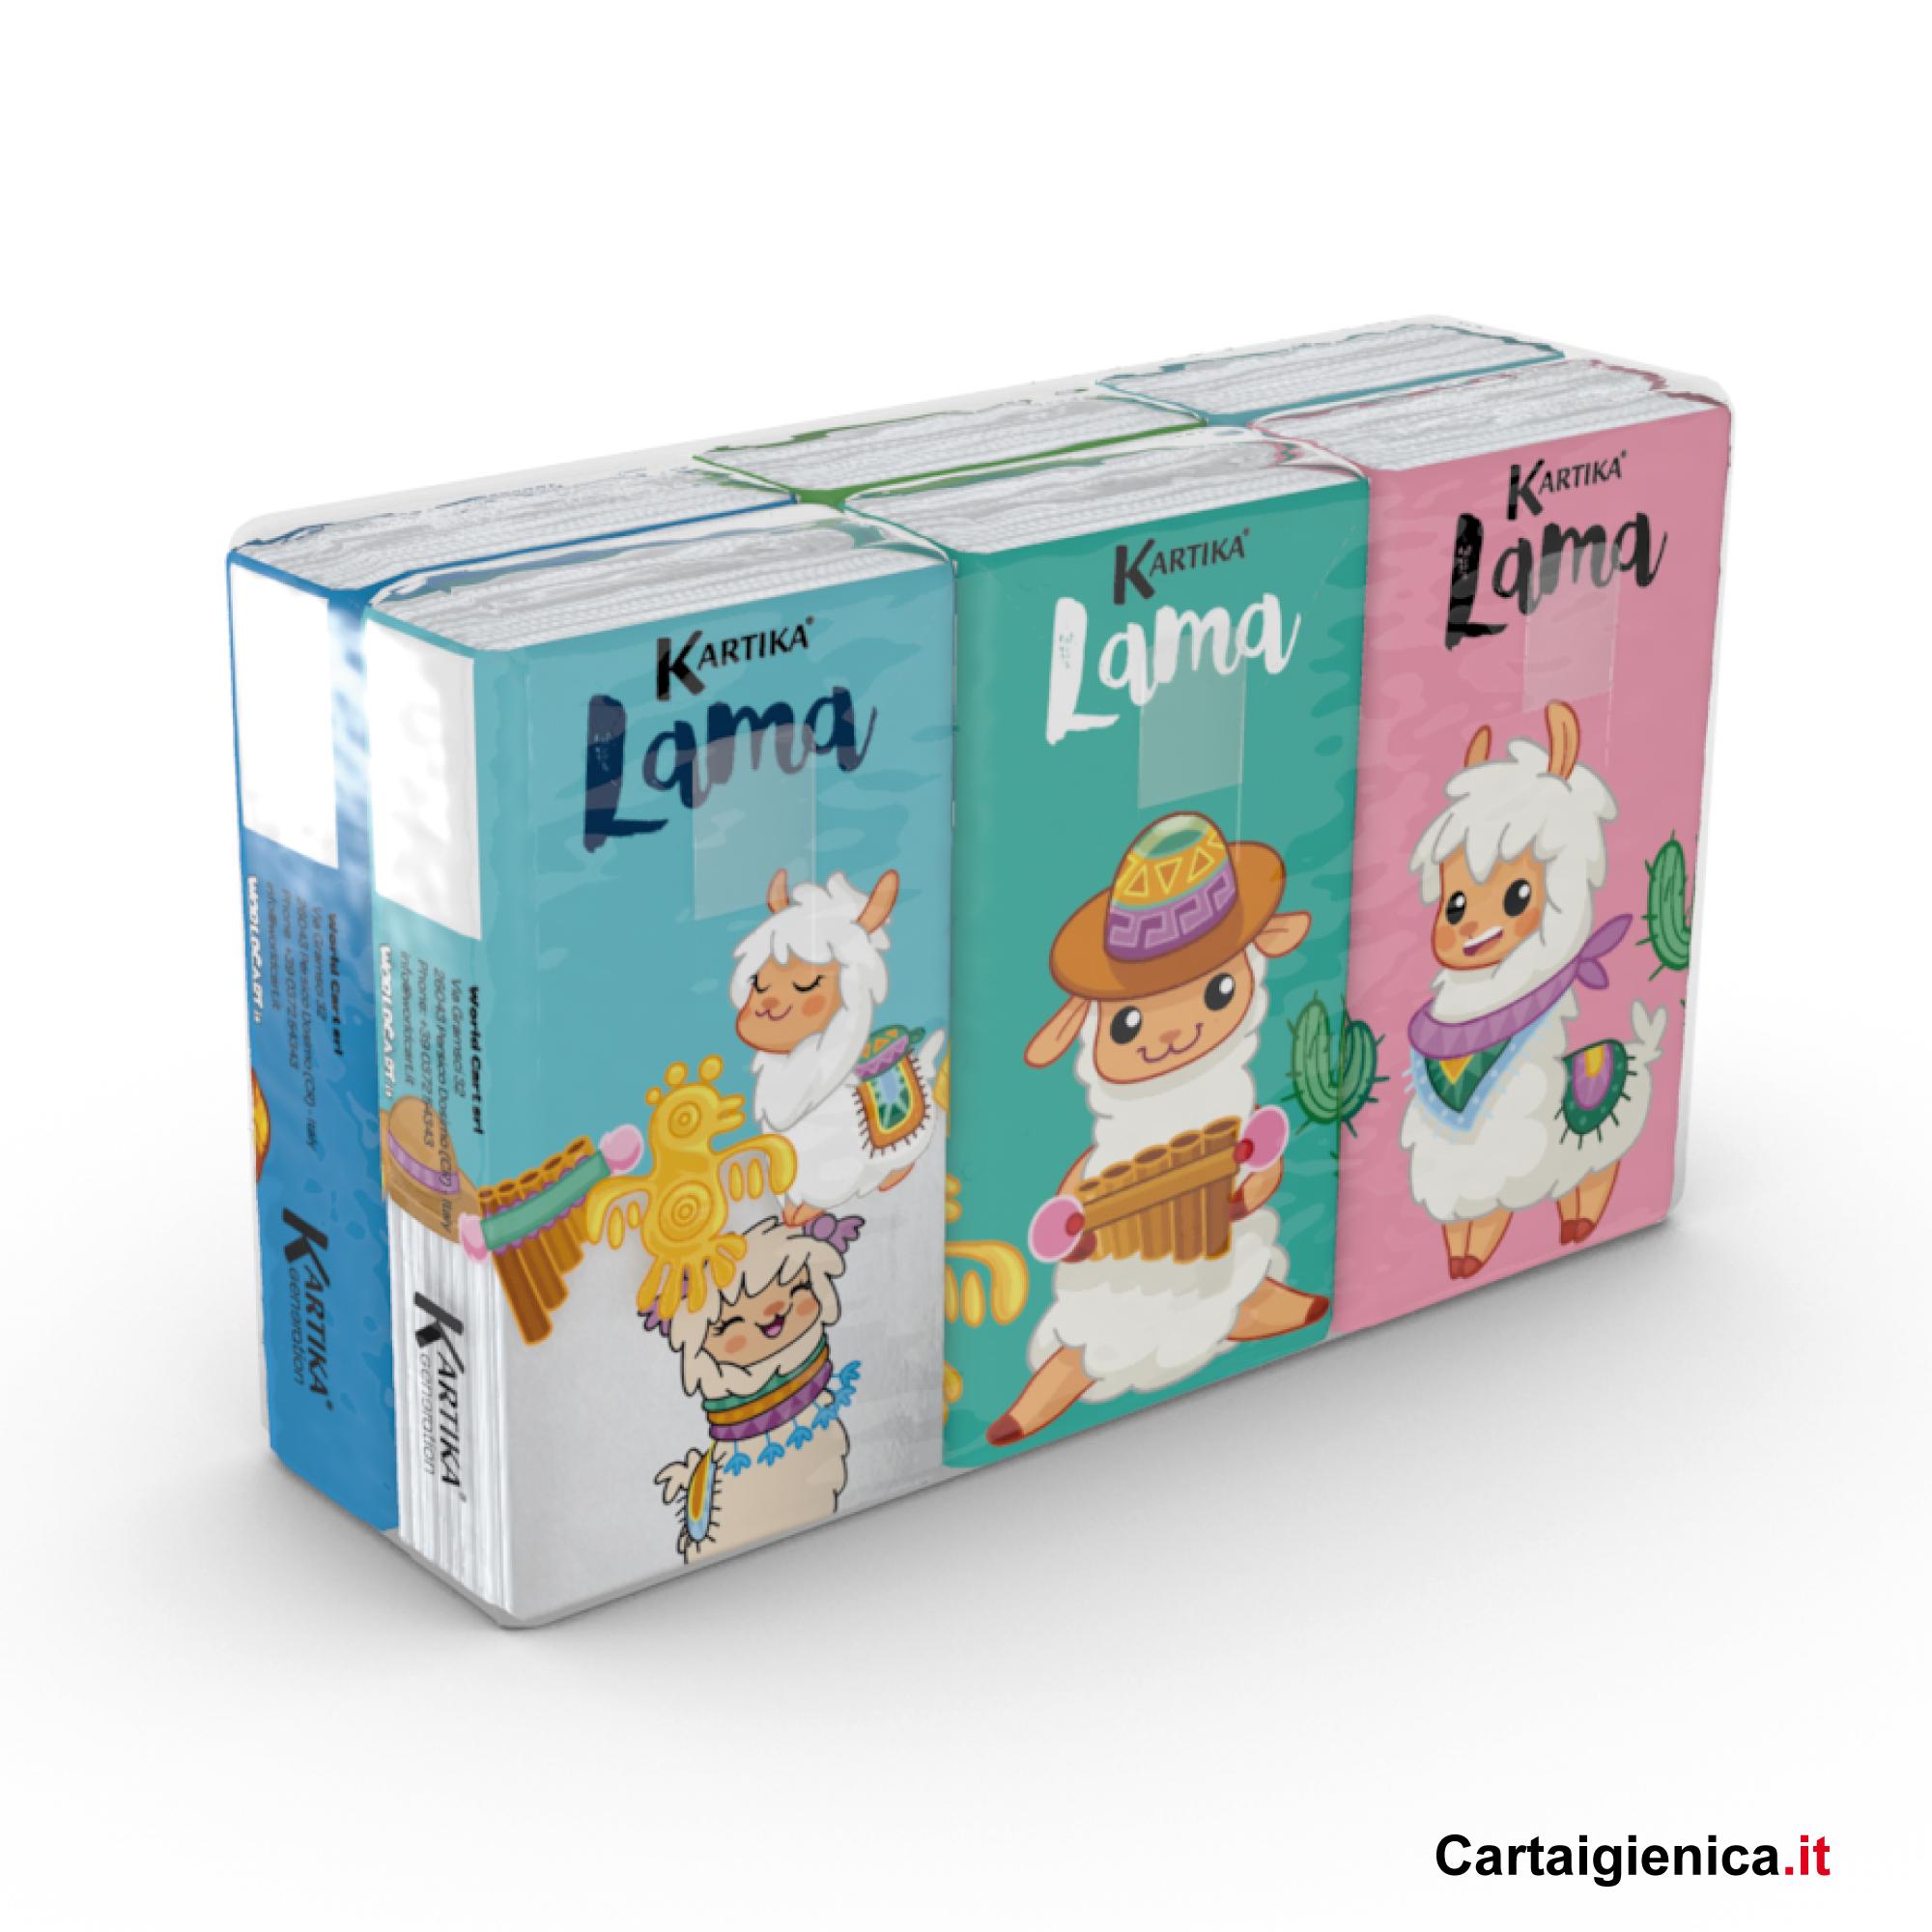 fazzoletti lama kartika style bambini fazzoletti di carta colorati regalo